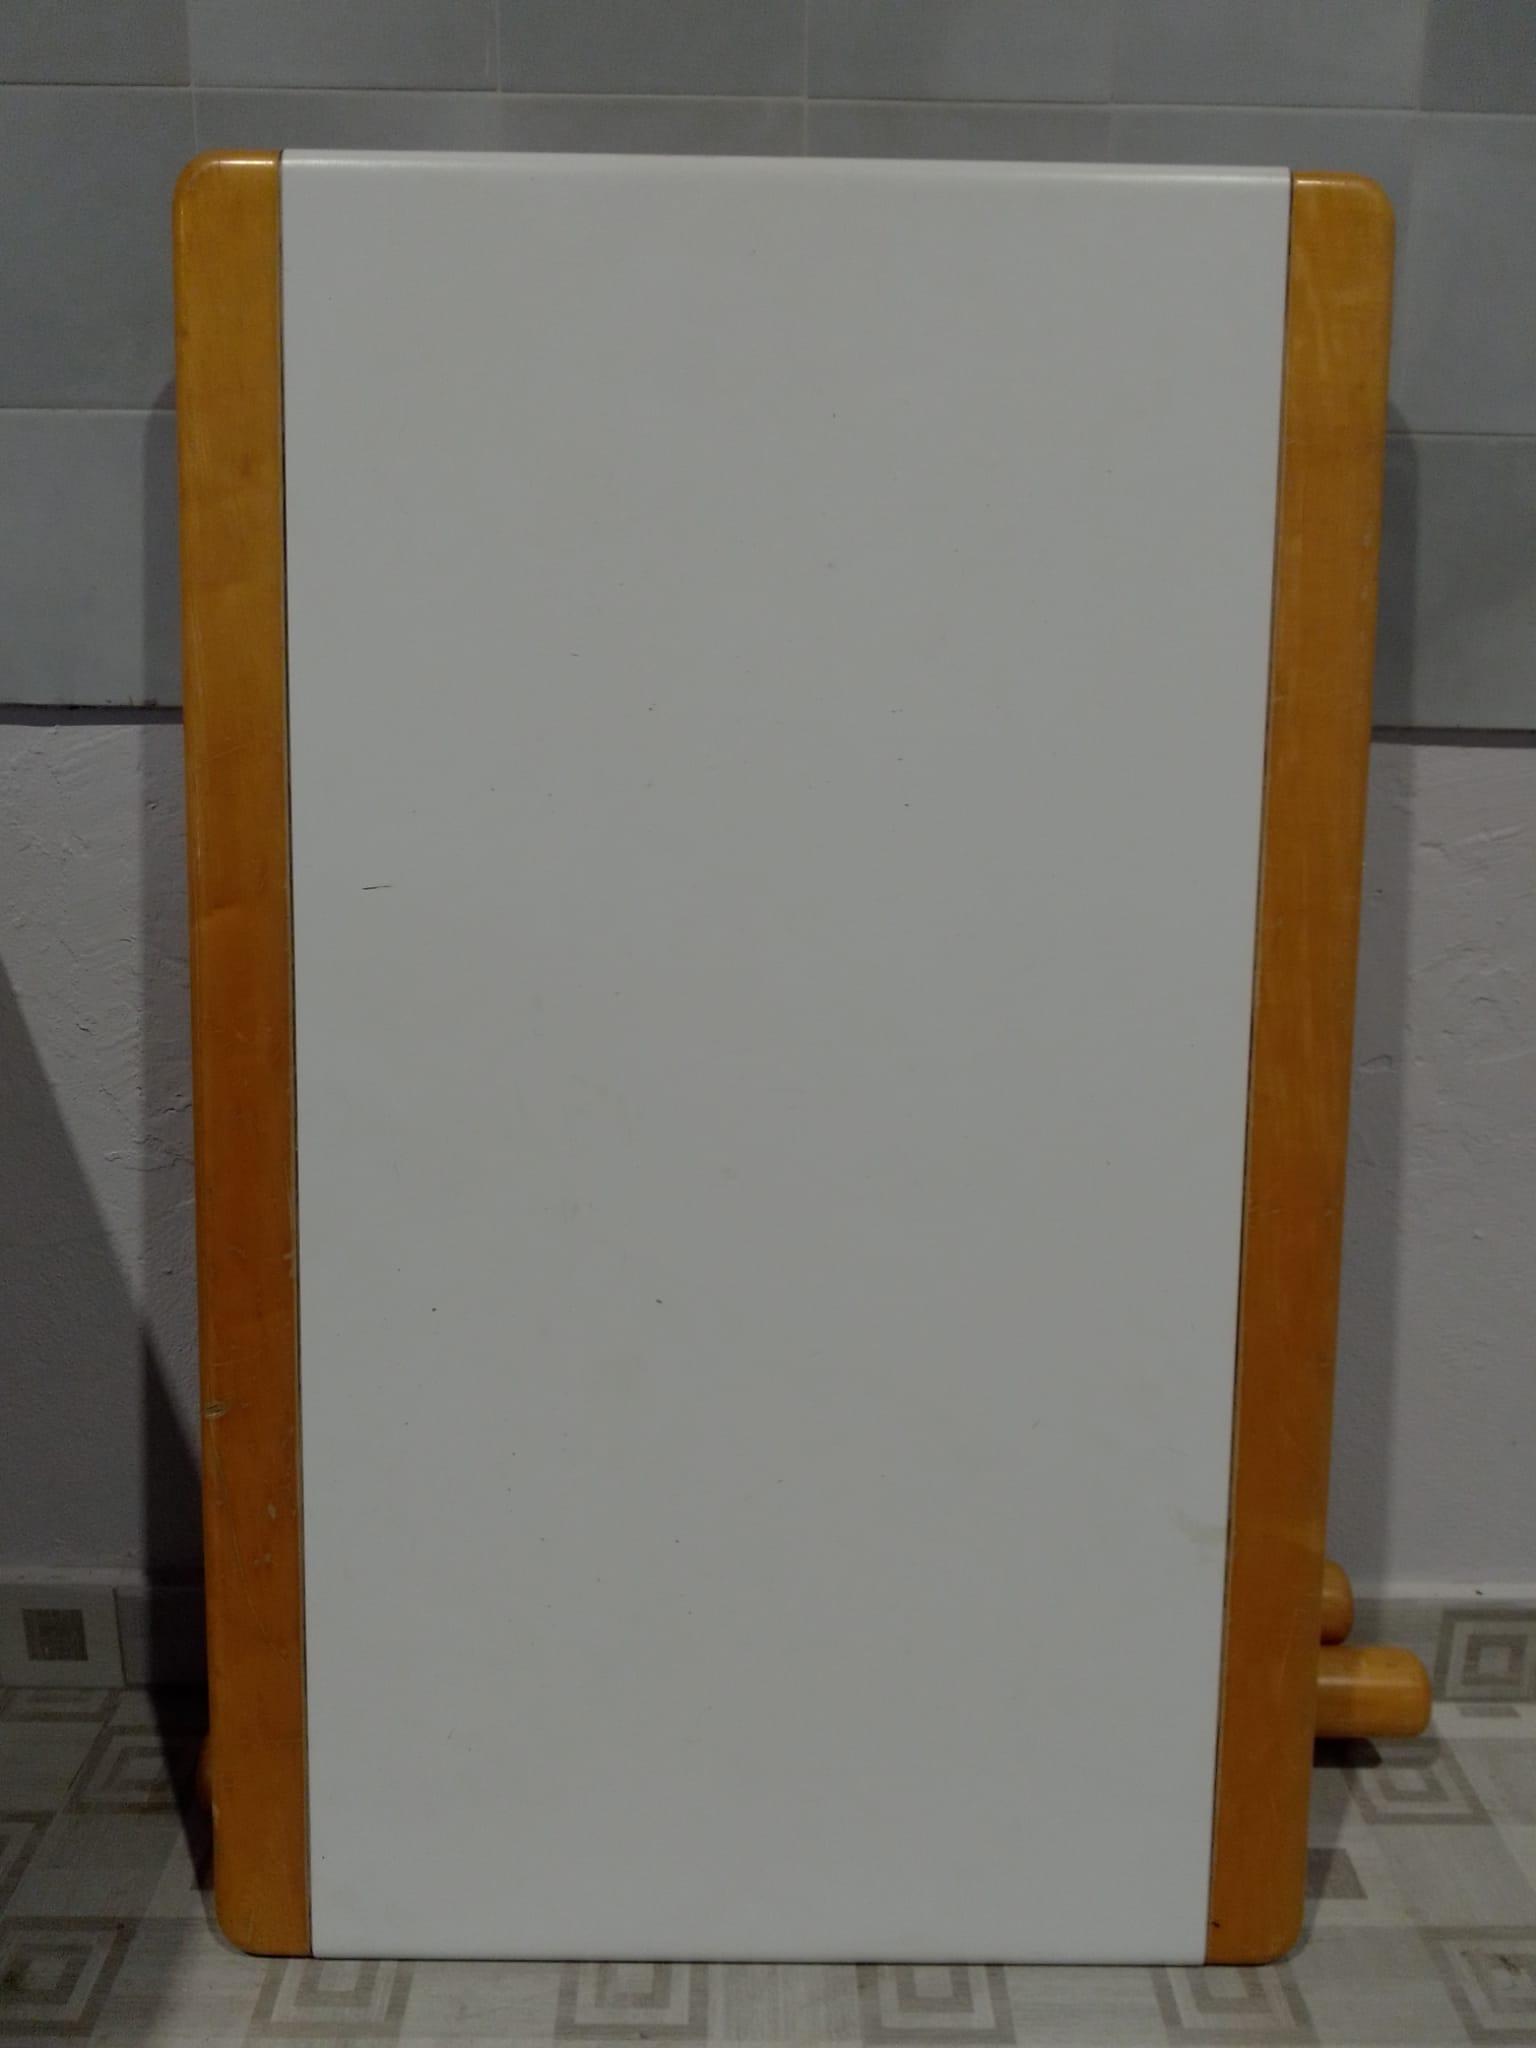 Catanzaro Tavolo Cucina Allungabile Colore Noce E Bianco L Cm 118 X P Cm 75 Mercatino Dell Usato Portobello